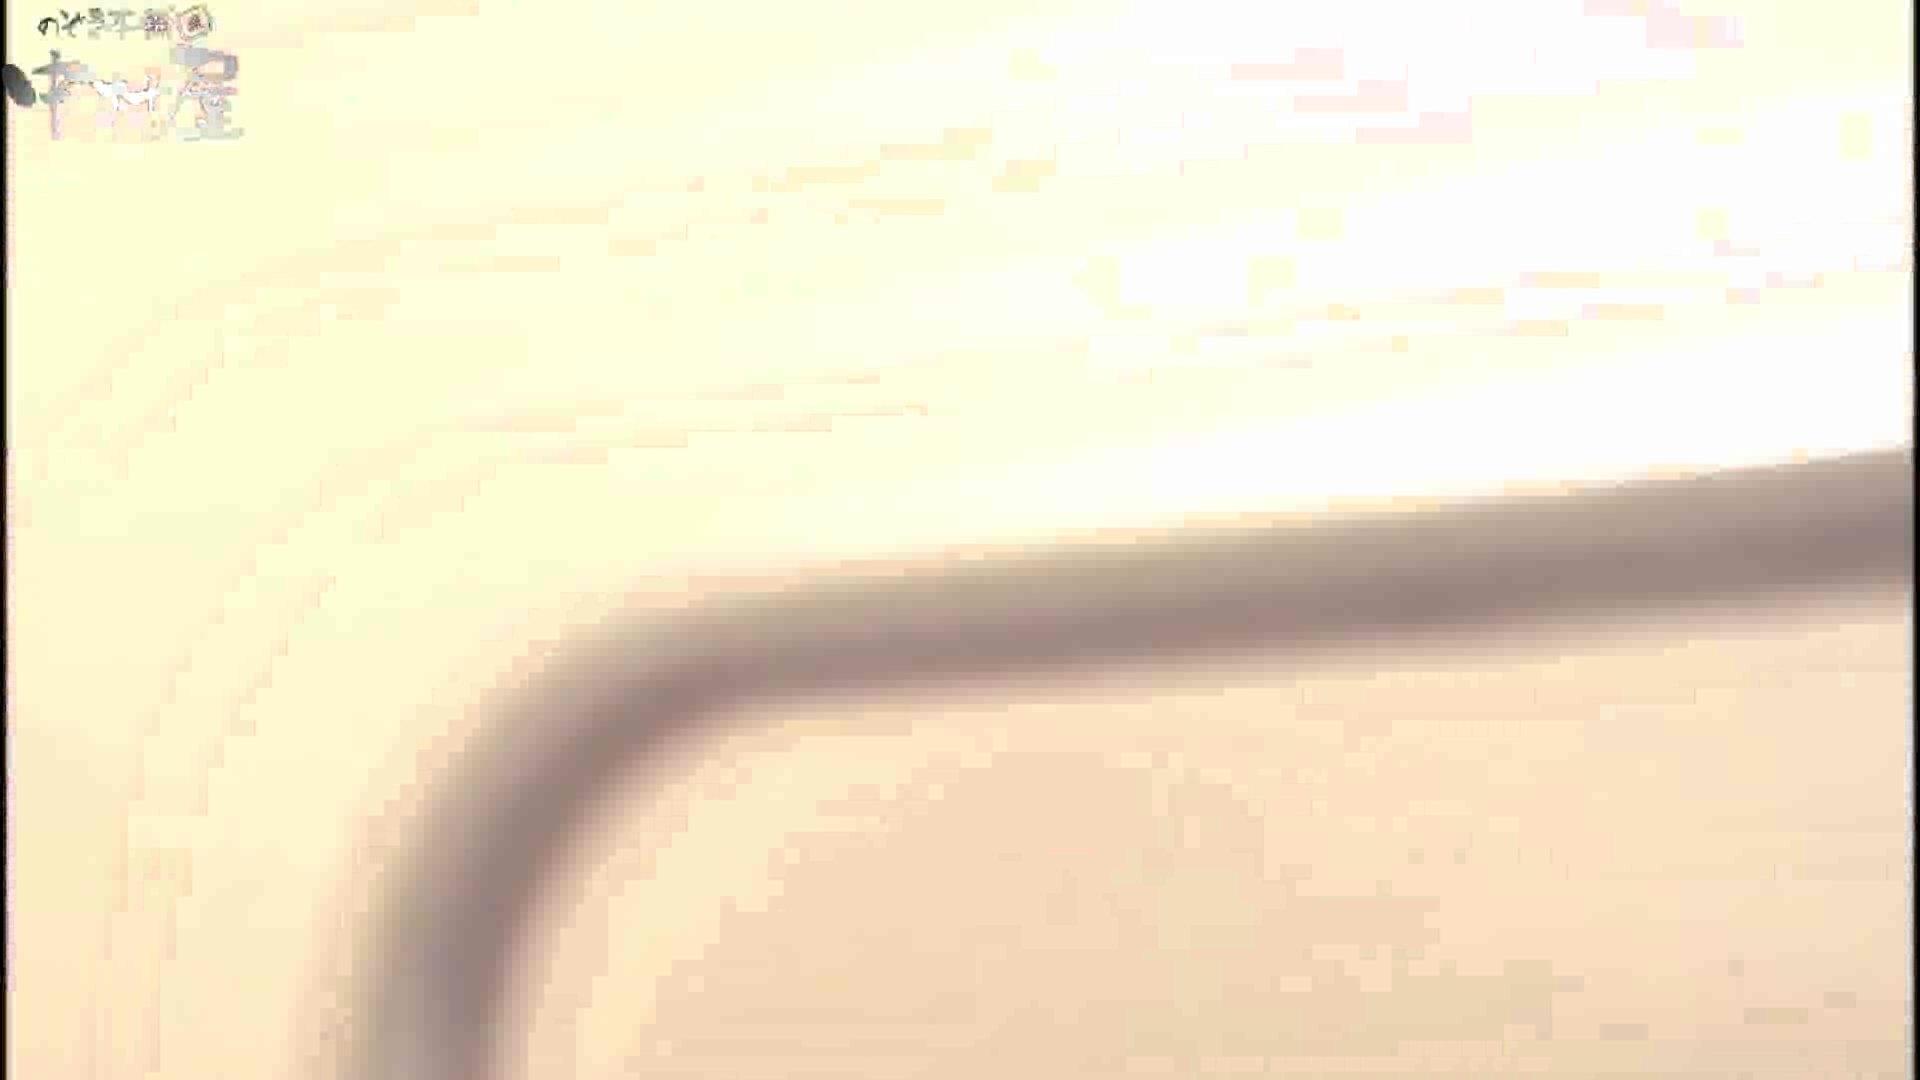 解禁!海の家4カメ洗面所vol.17 ギャルのエロ動画 エロ画像 75PIX 47